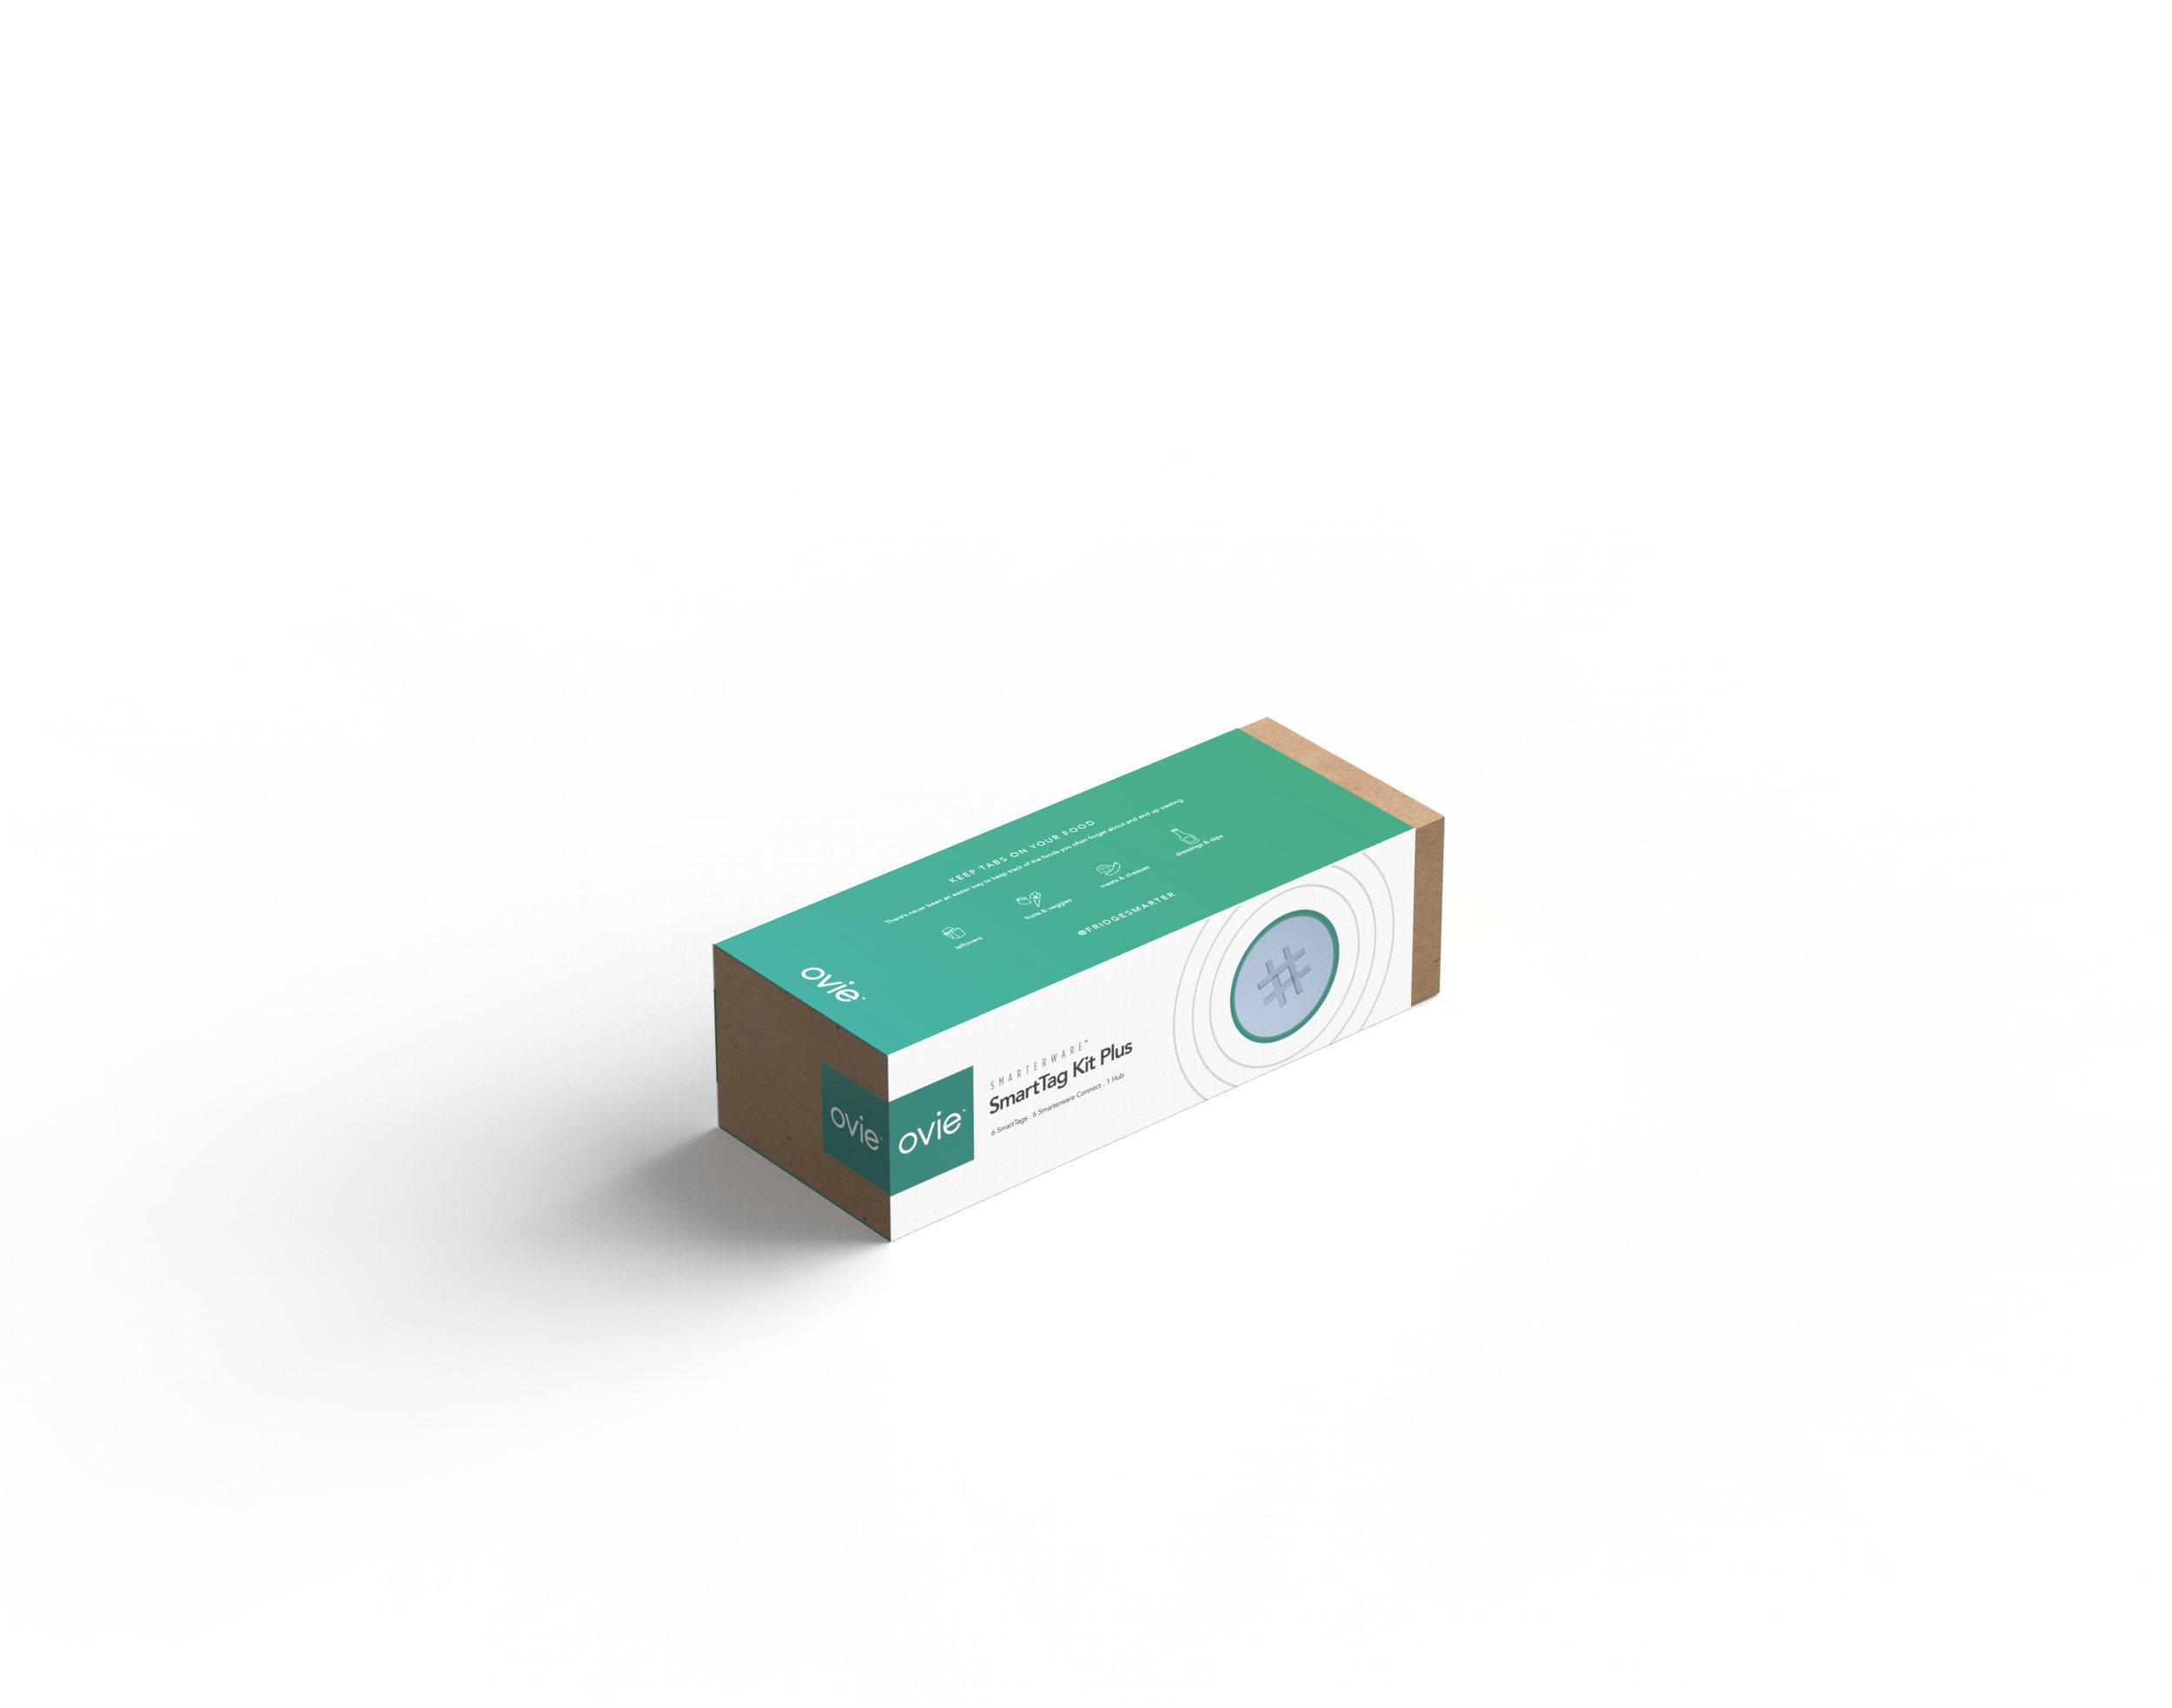 packaging-renderings-01062019.2086.jpg